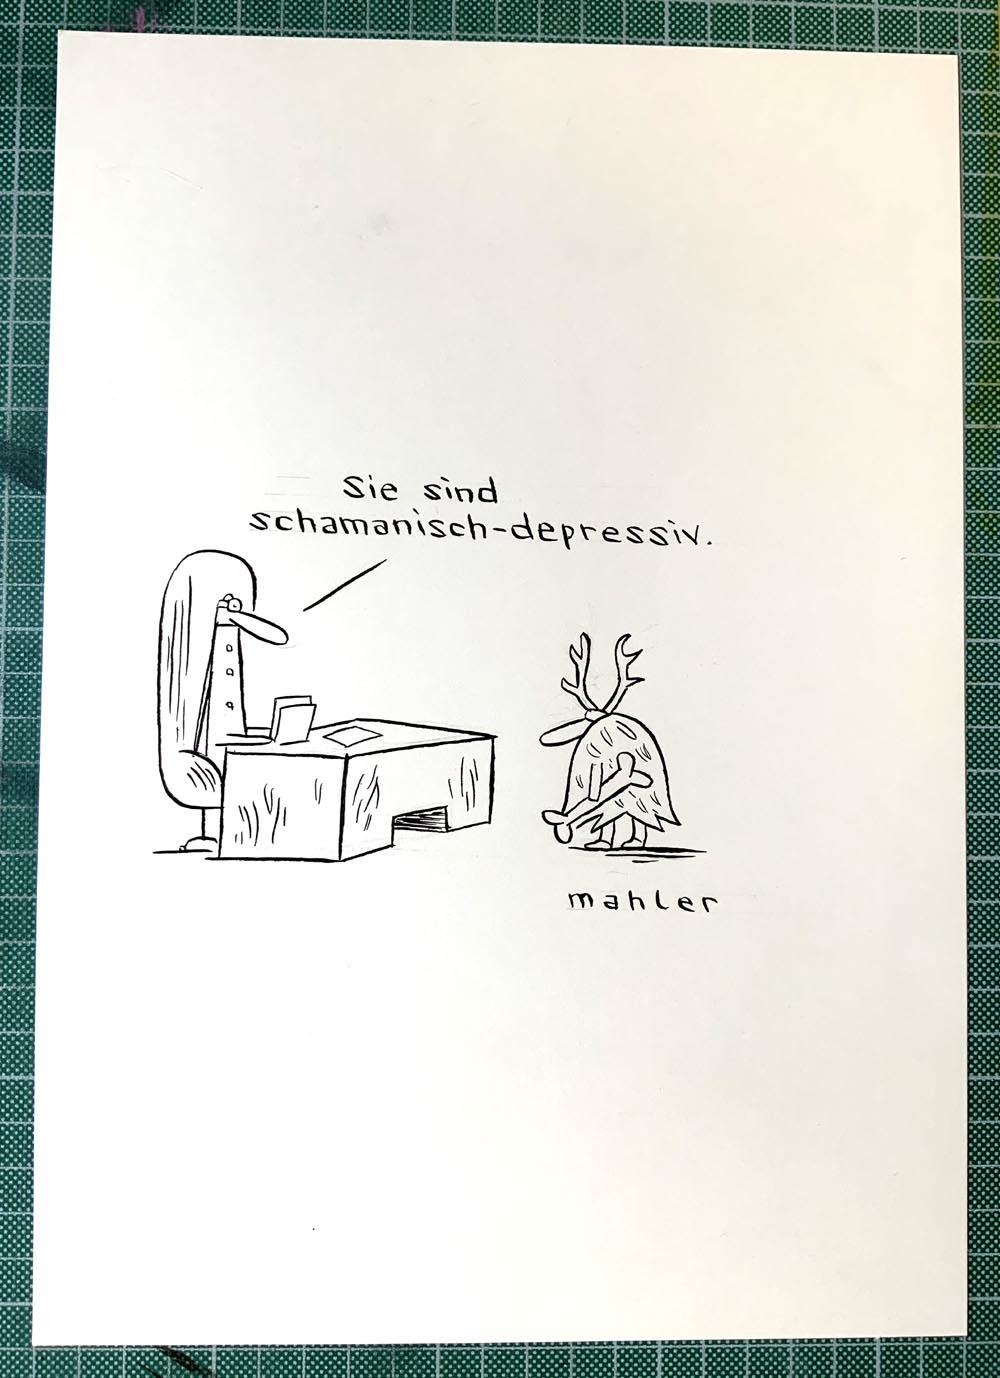 SCHAMANISCH-DEPRESSIV